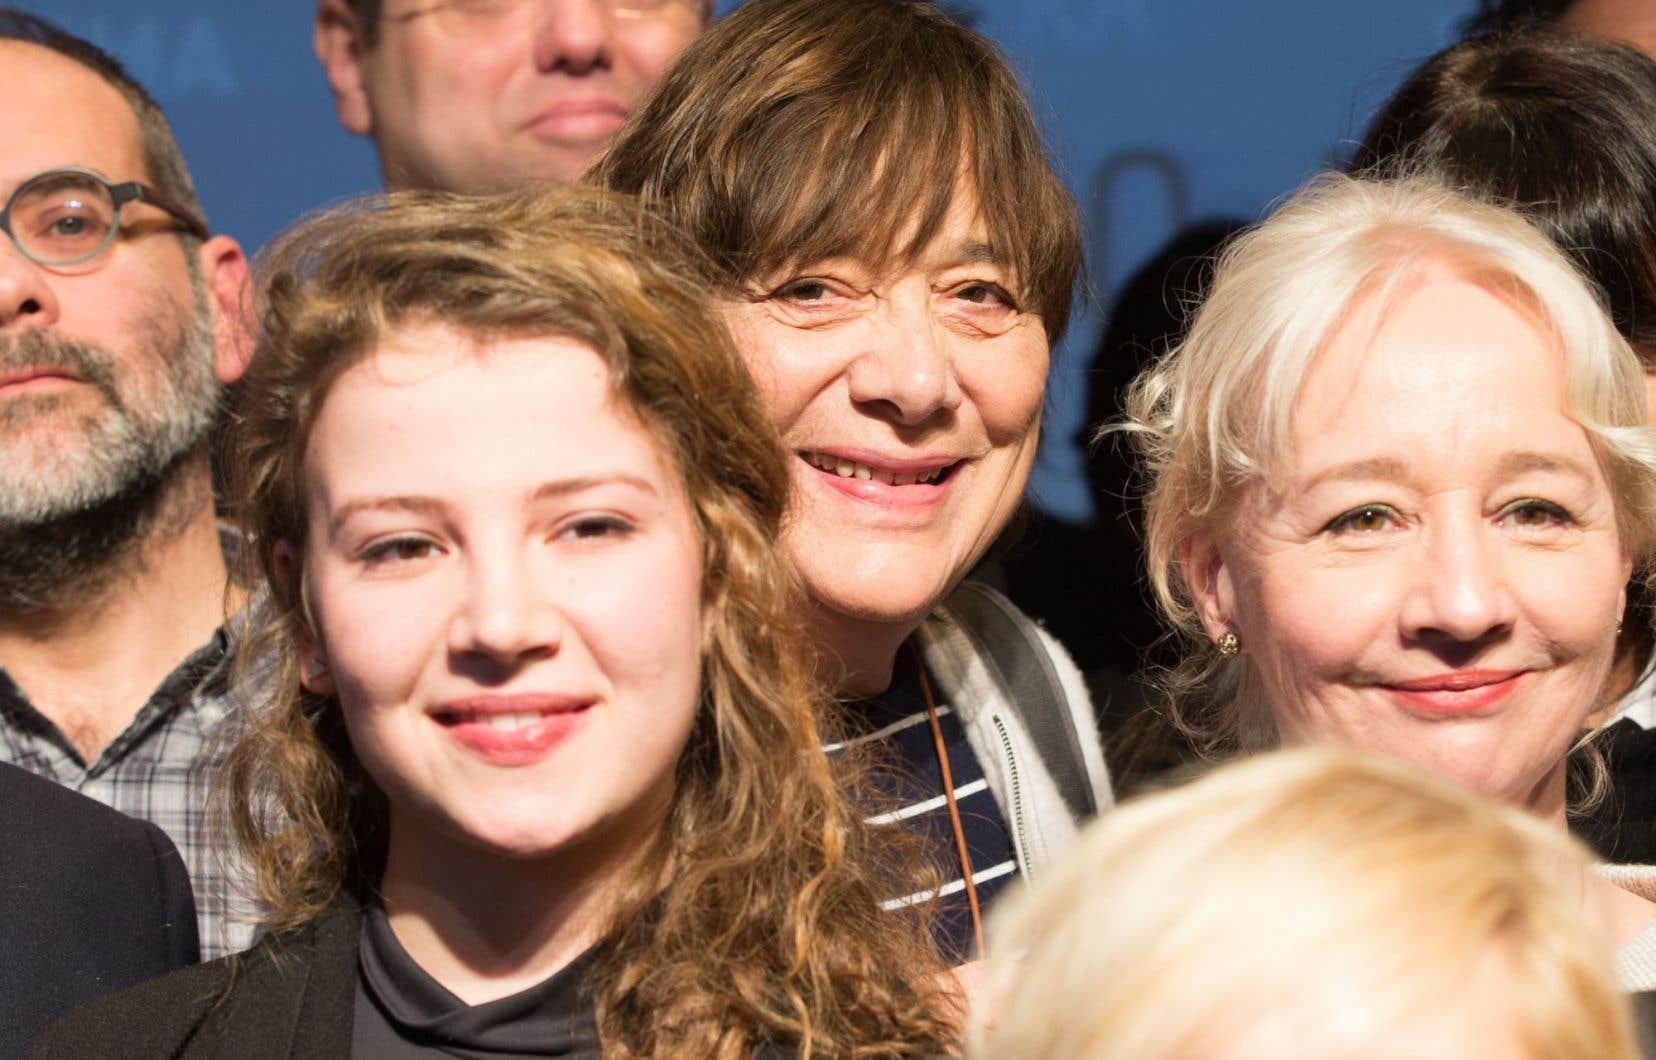 La cinéaste de La passion d'Augustine, Léa Pool (au centre), est en nomination pour la meilleure réalisation, tandis que deux des actrices qu'elle a dirigées dans ce film, Lysandre Ménard et Diane Lavallée (à l'avant-plan), sont en lice pour le prix de la meilleure actrice de soutien.